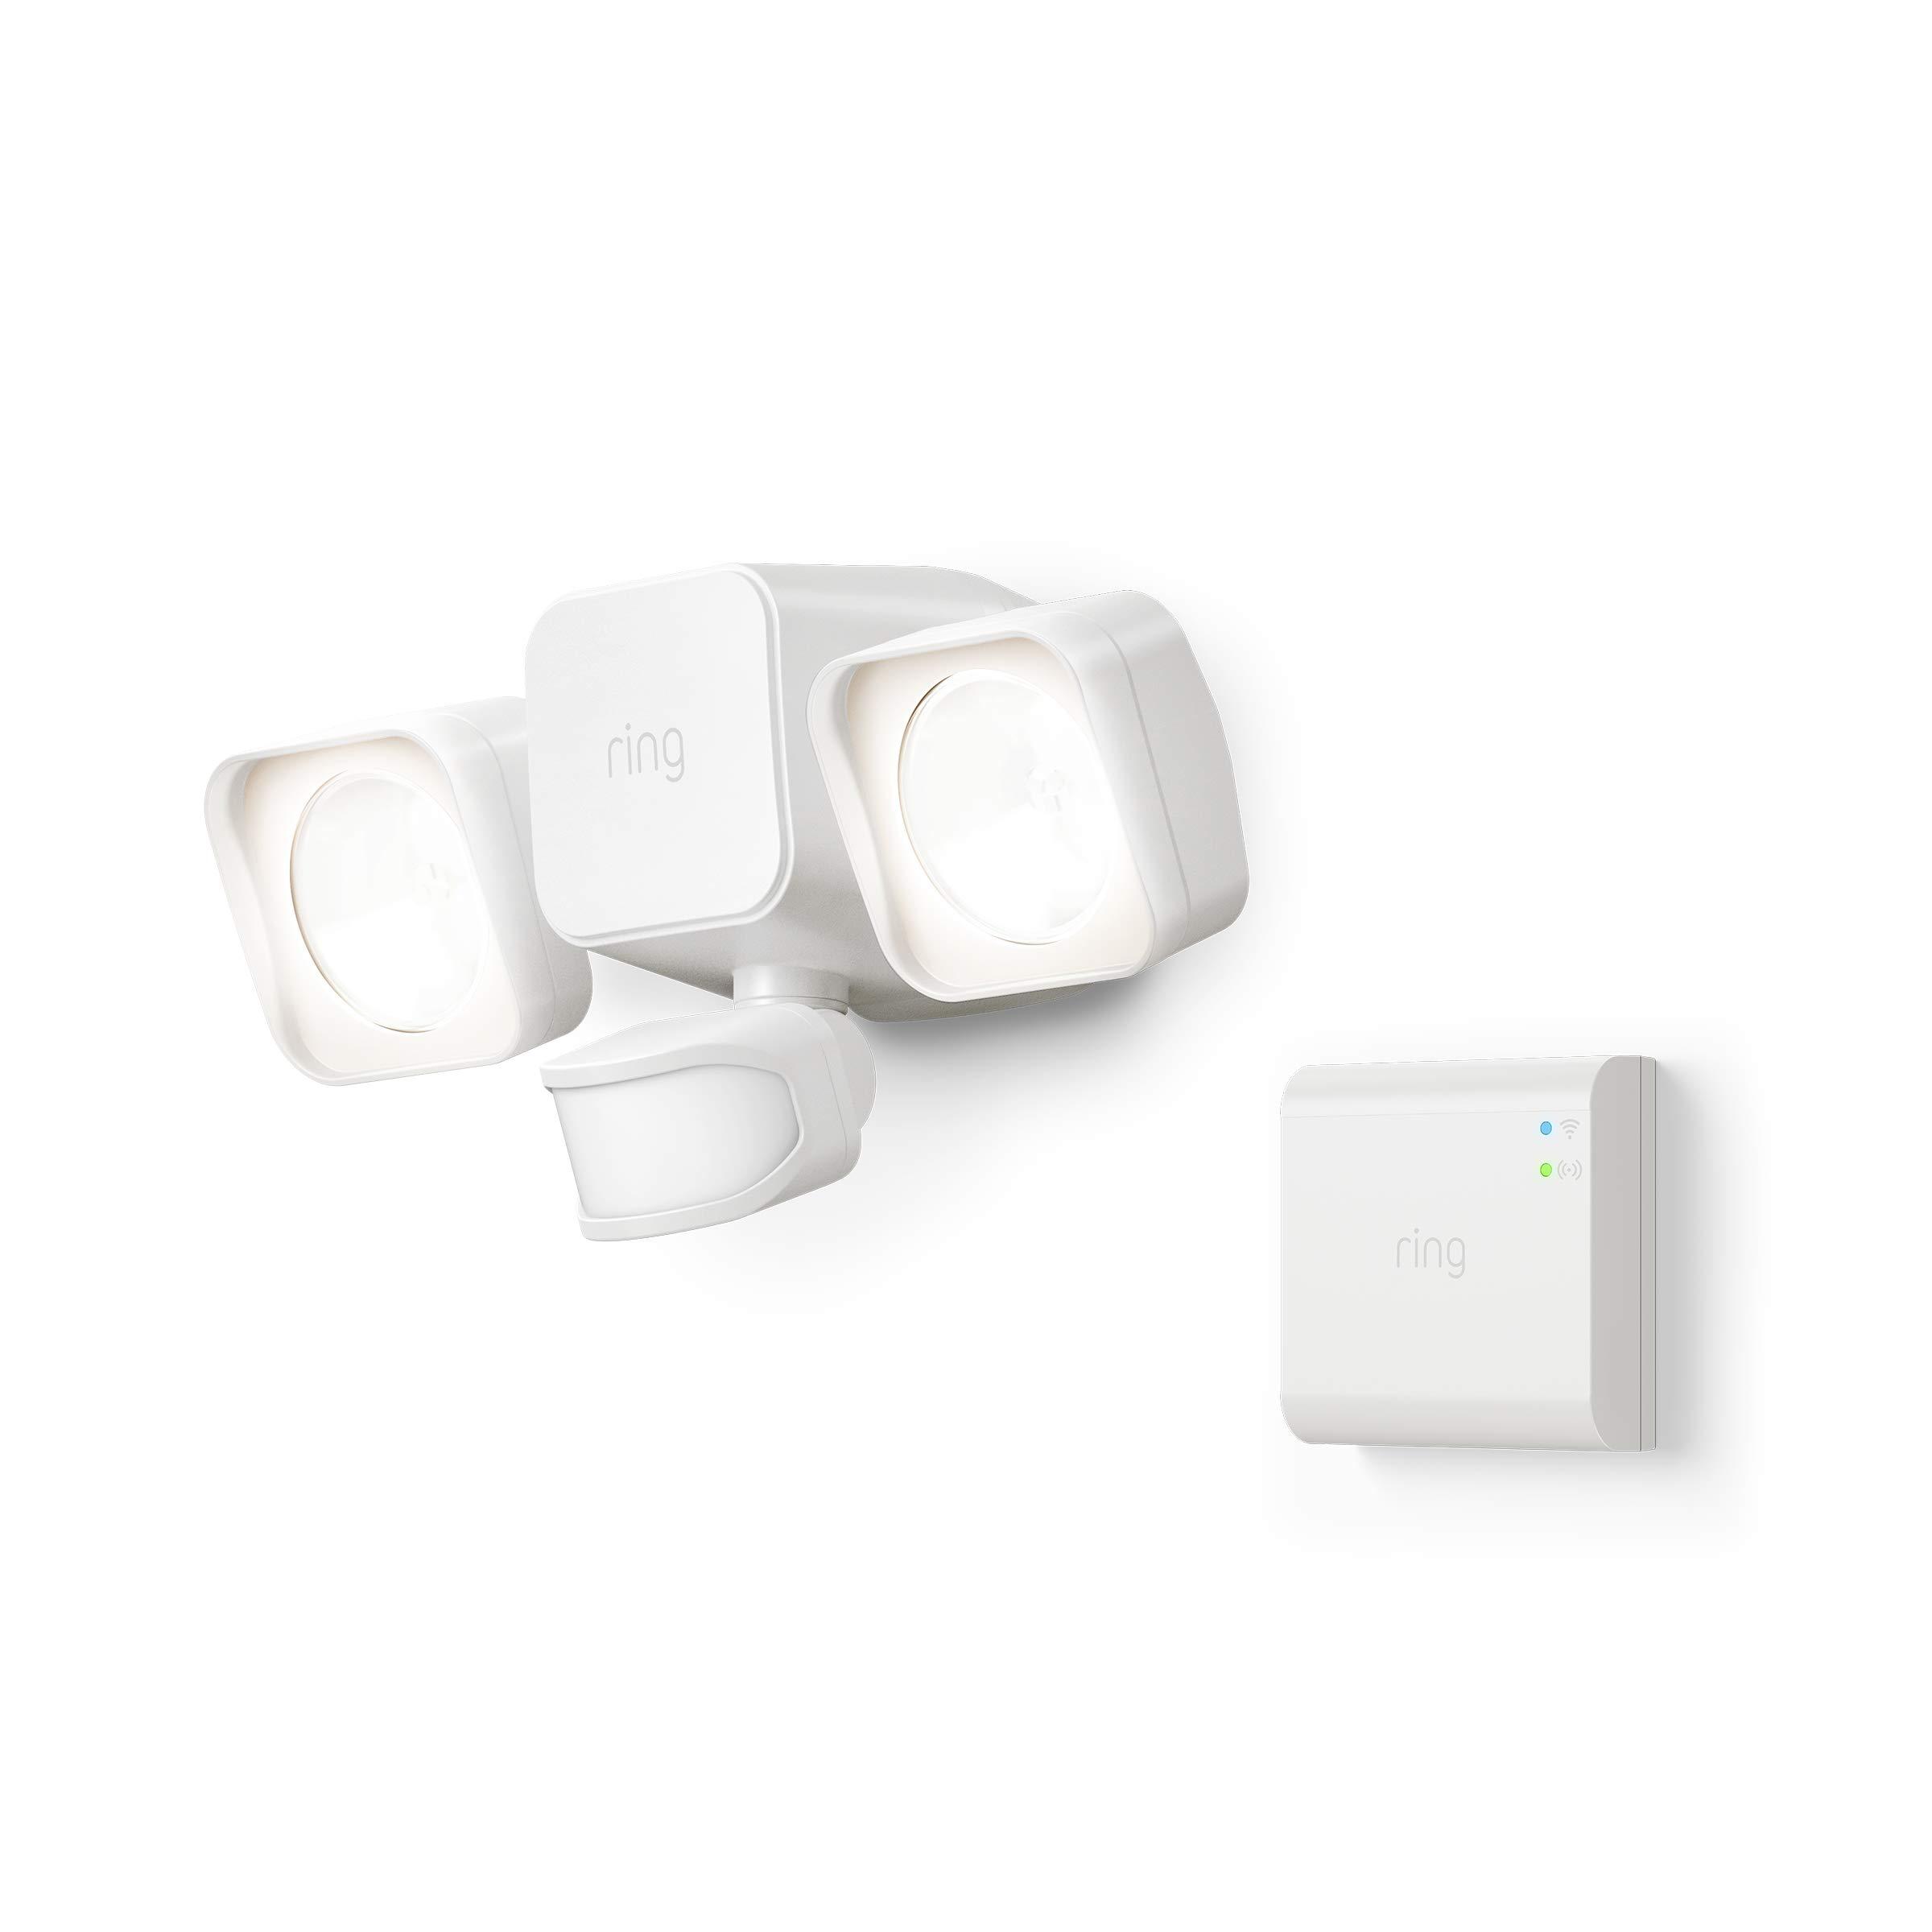 Introducing Ring Smart Lighting -  Floodlight, Battery - White (Starter Kit)